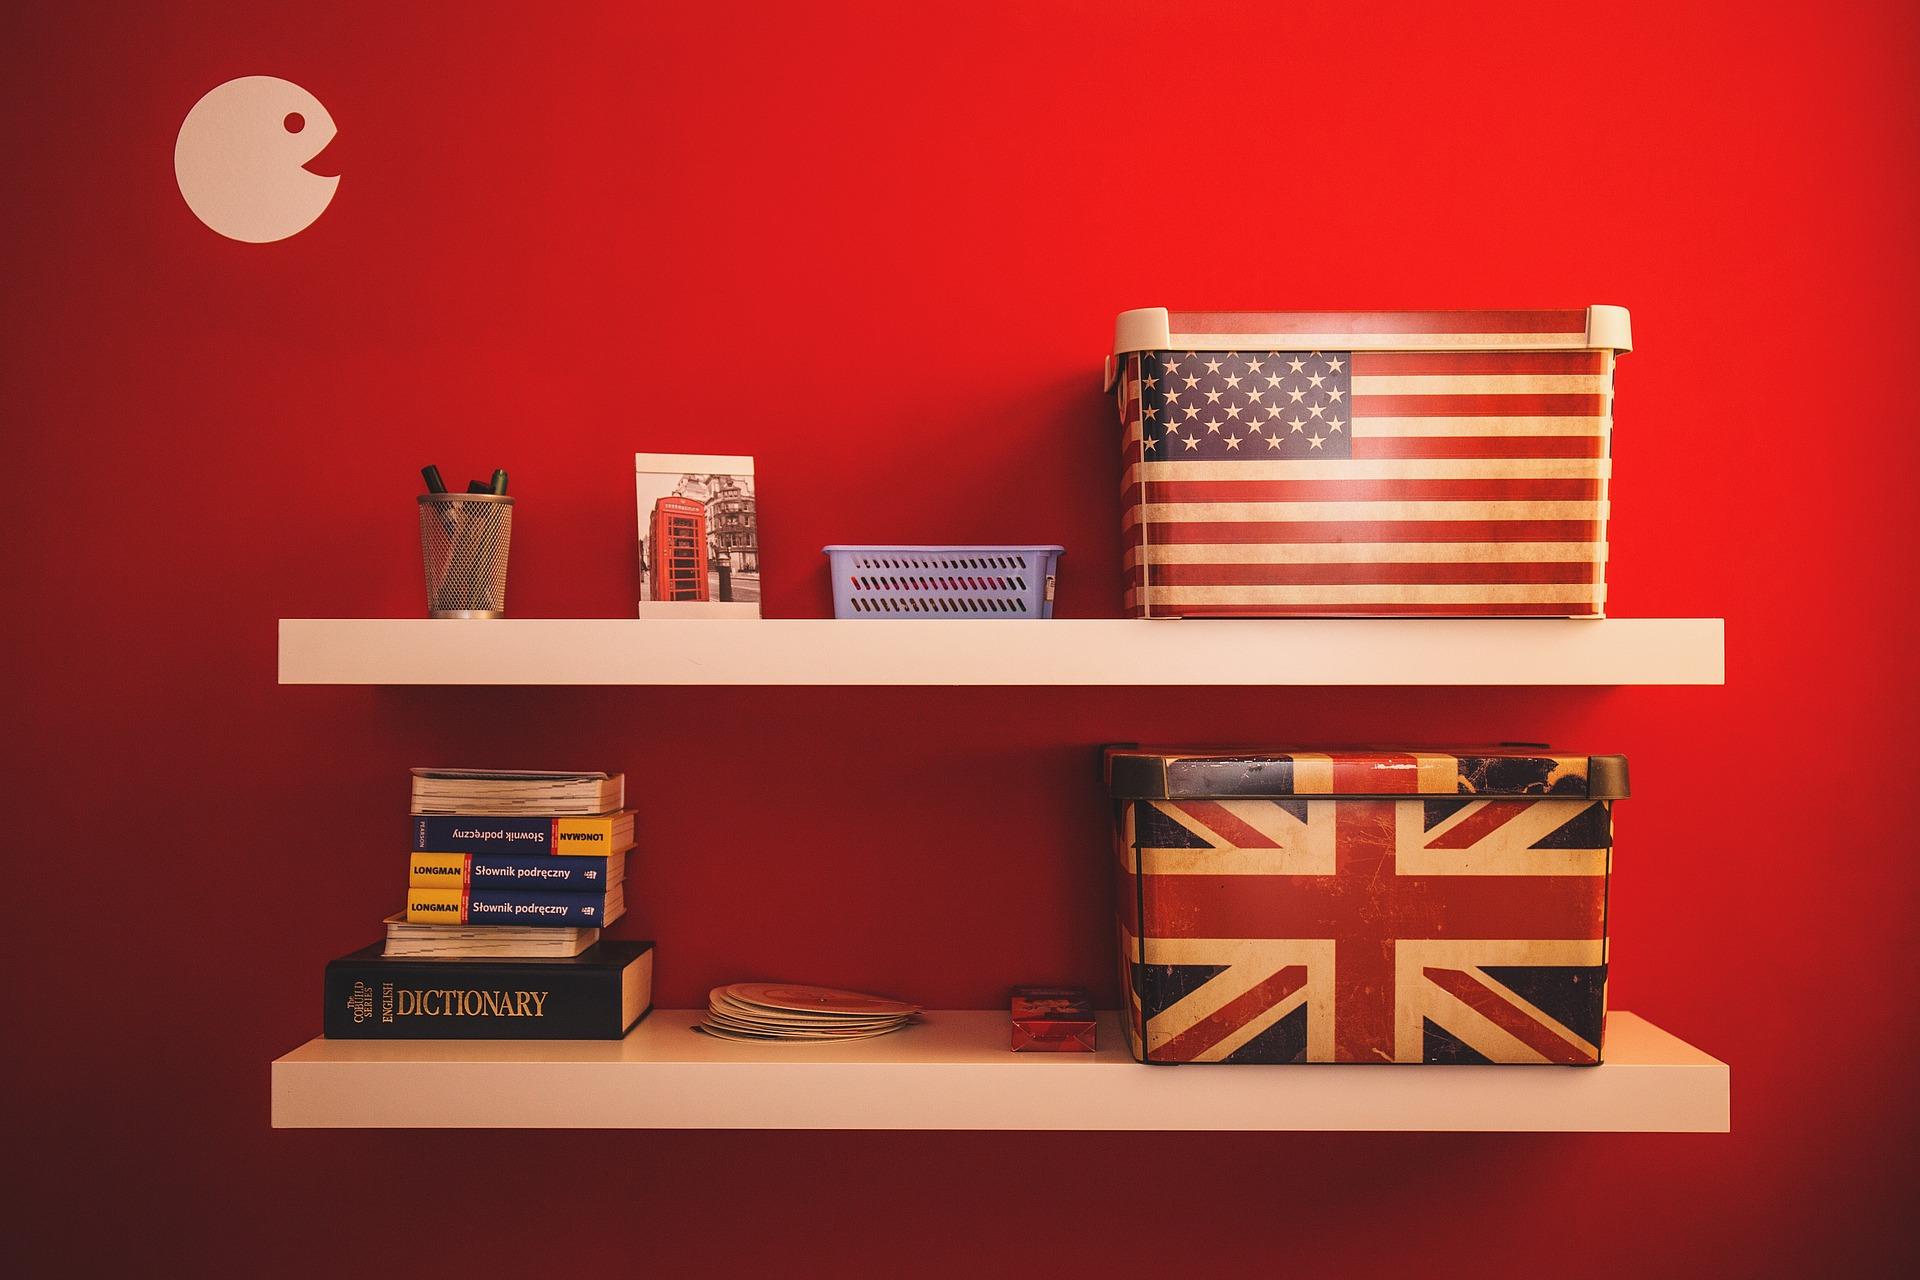 IX Powiatowy Konkurs Języka Angielskiego dla Klas Siódmych i Ósmych Szkół Podstawowych oraz Klas Gimnazjalnych Południowej Wielkopolski